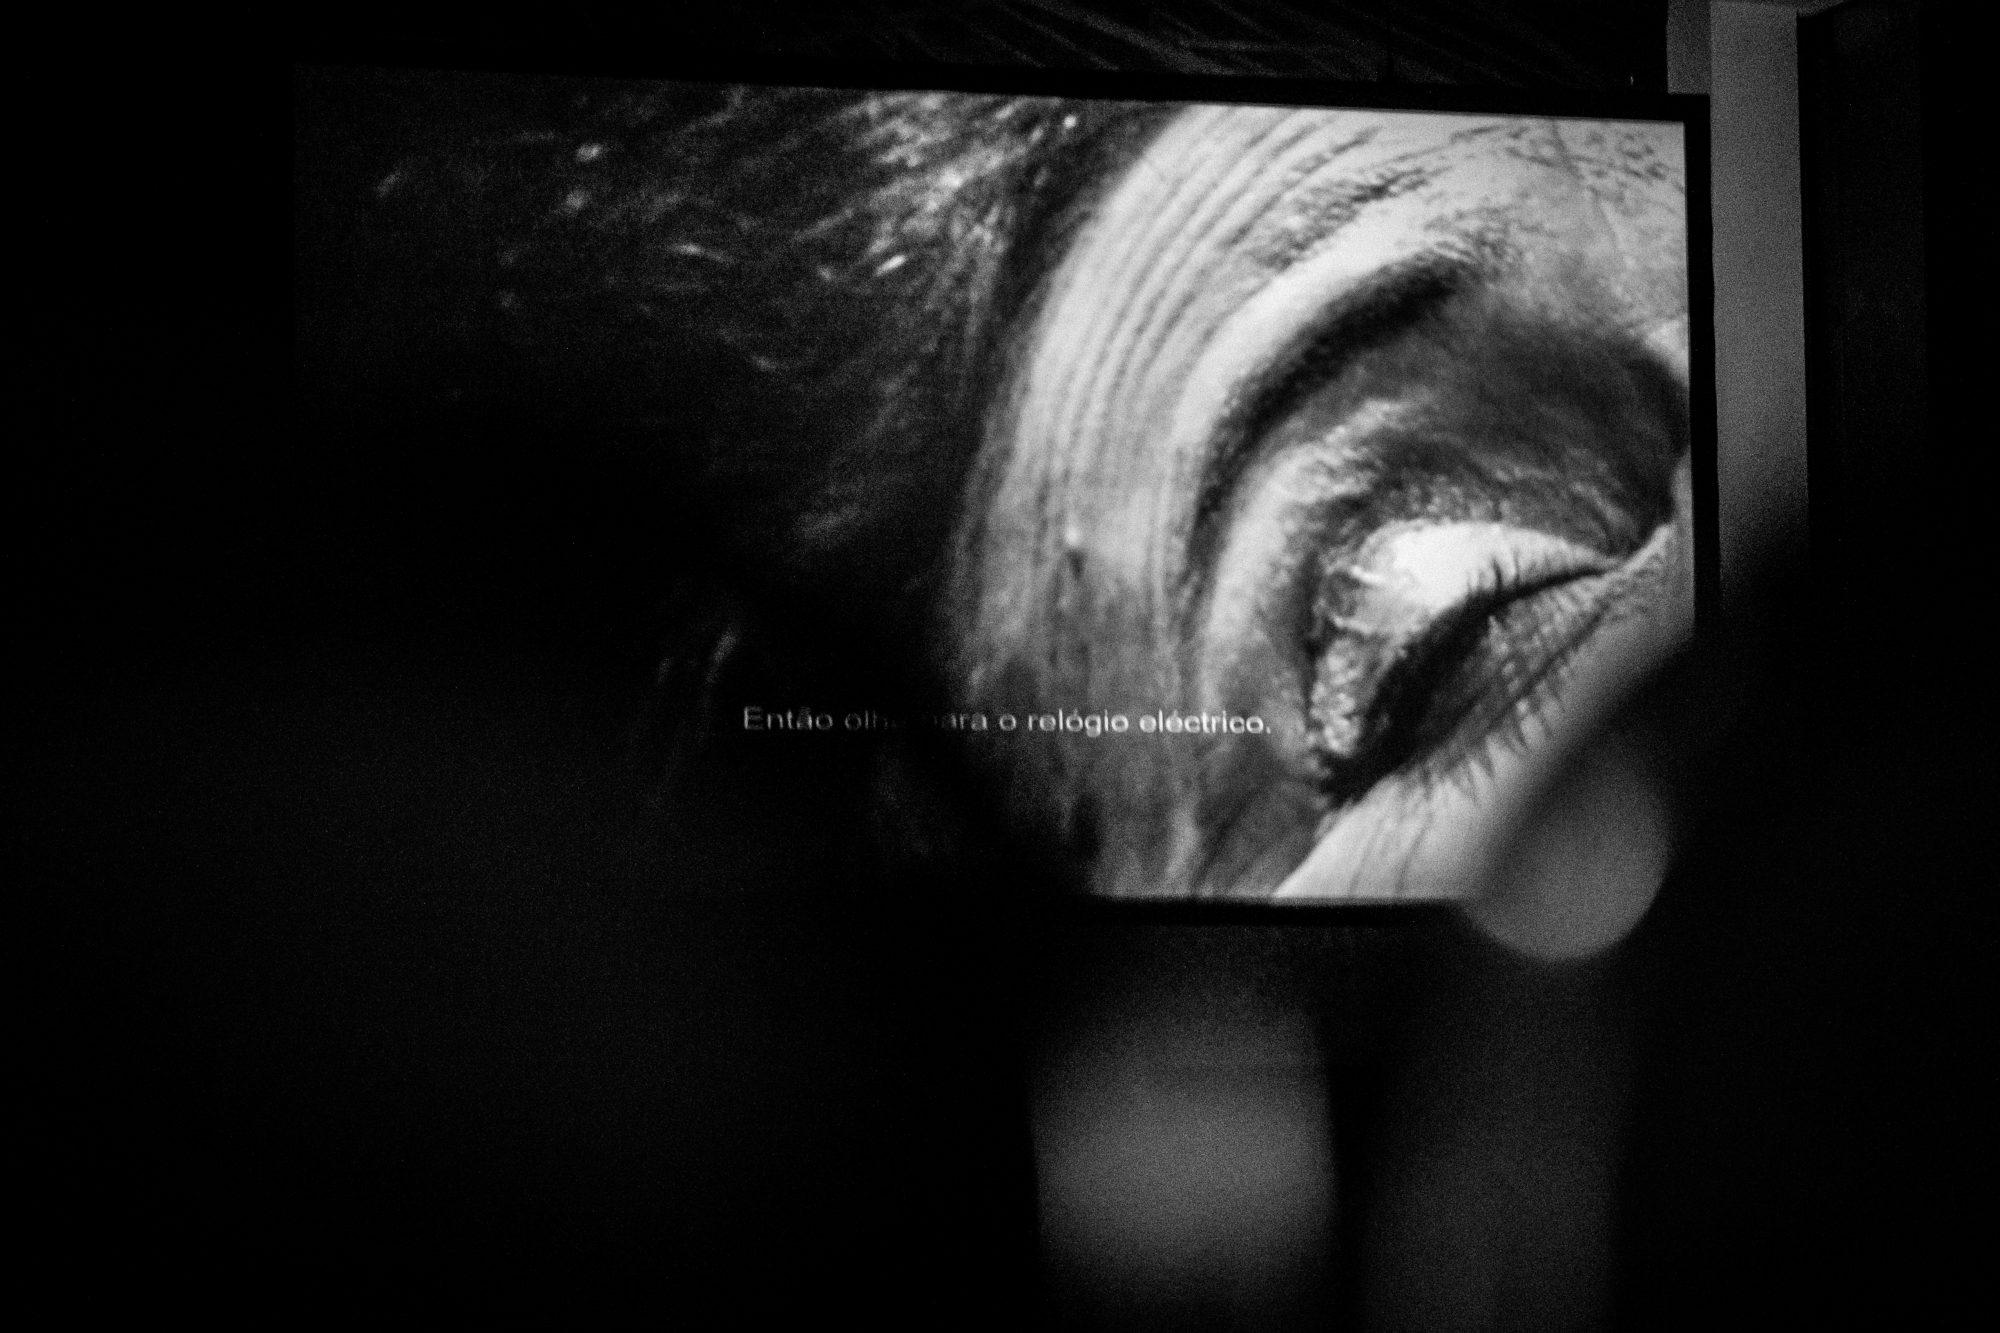 Fotografia de ensaio © Estelle Valente